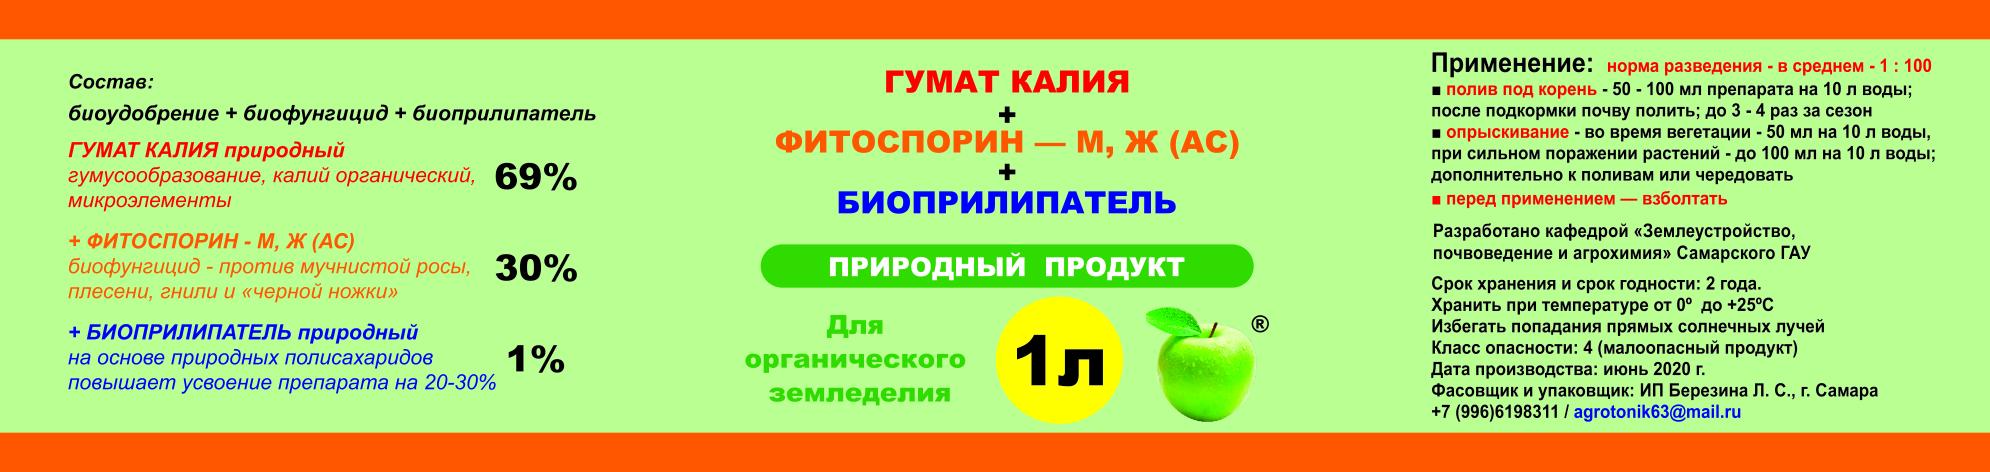 Биопрепарат - биофунгицид - 1,0